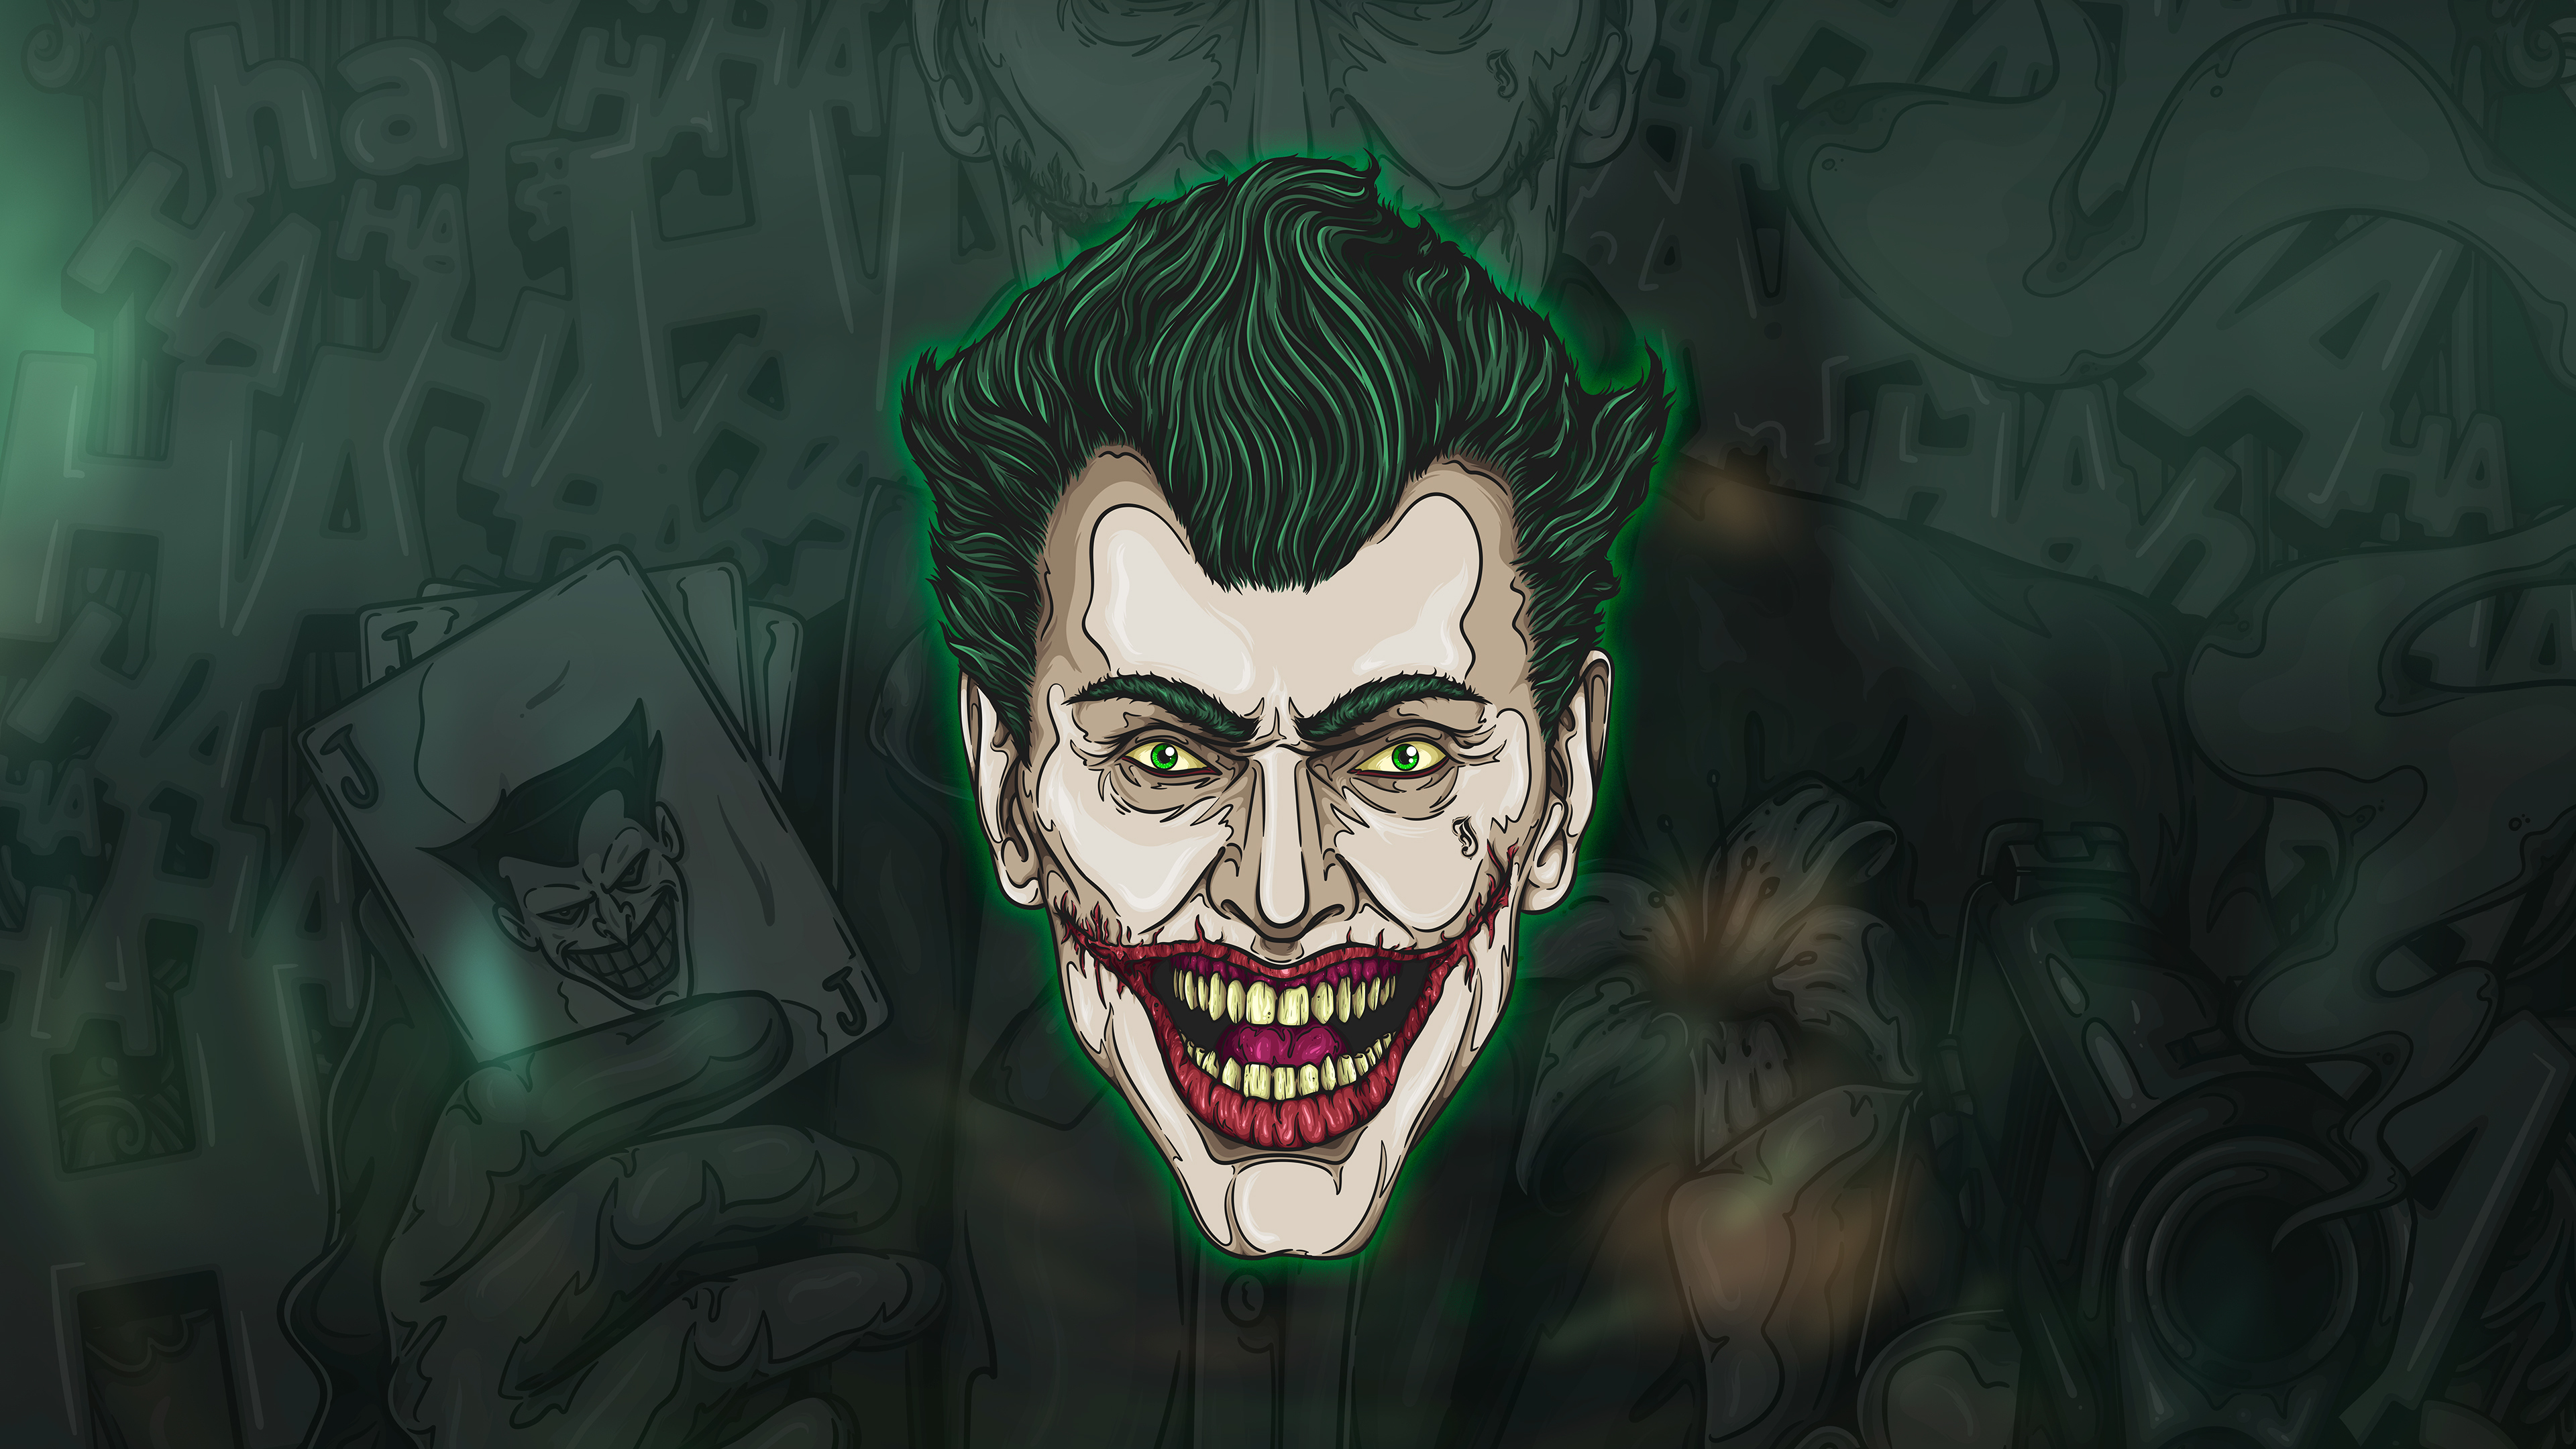 joker face art 1537645962 - Joker Face Art - supervillain wallpapers, superheroes wallpapers, joker wallpapers, hd-wallpapers, digital art wallpapers, behance wallpapers, artwork wallpapers, 4k-wallpapers